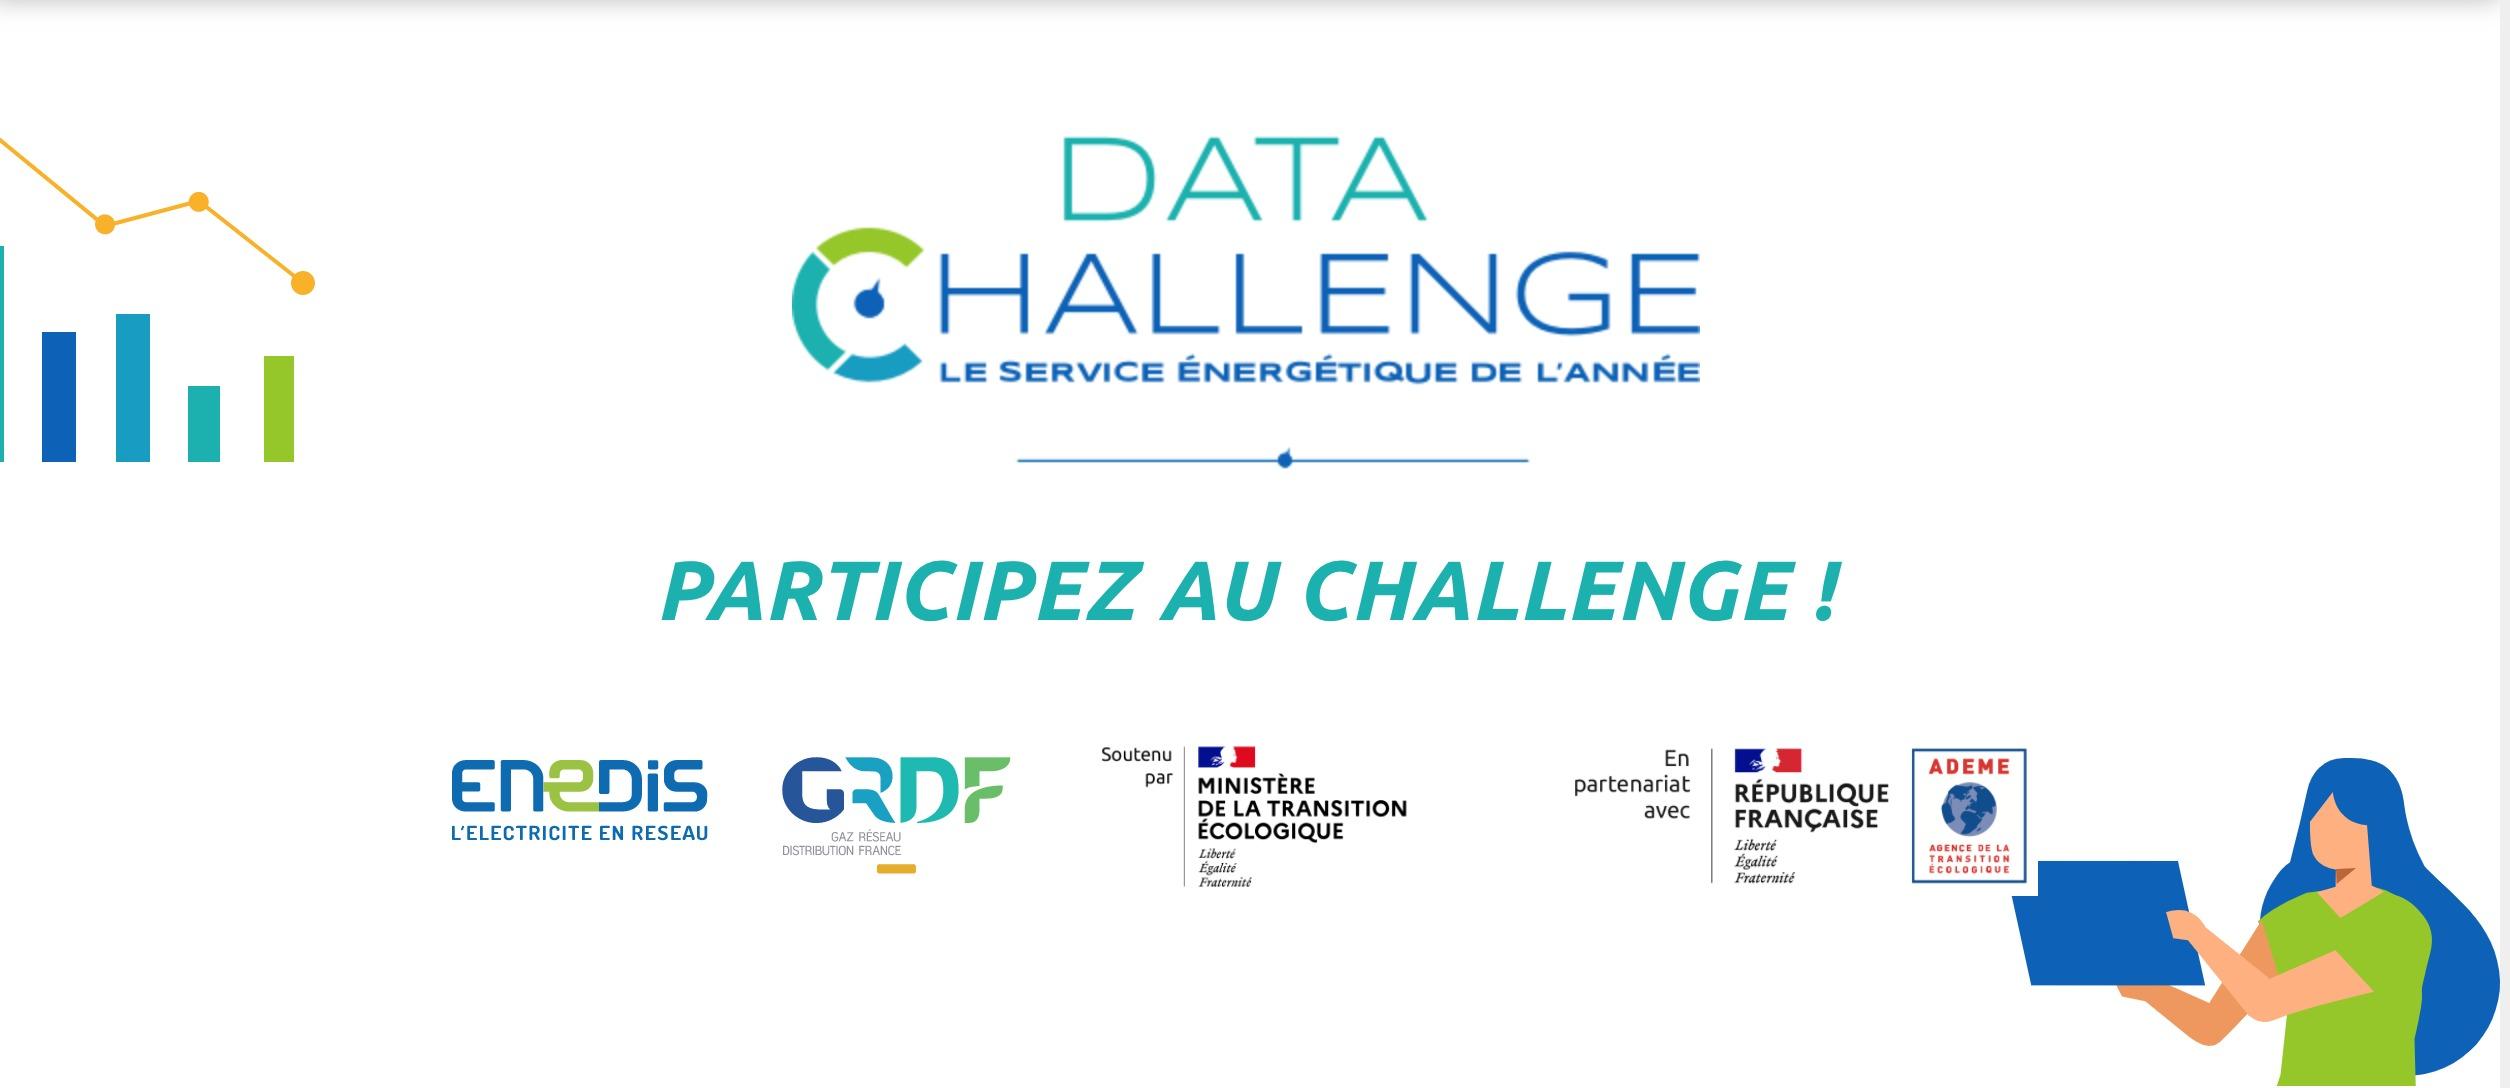 Participez au Data Challenge - le service énergétique de l'année